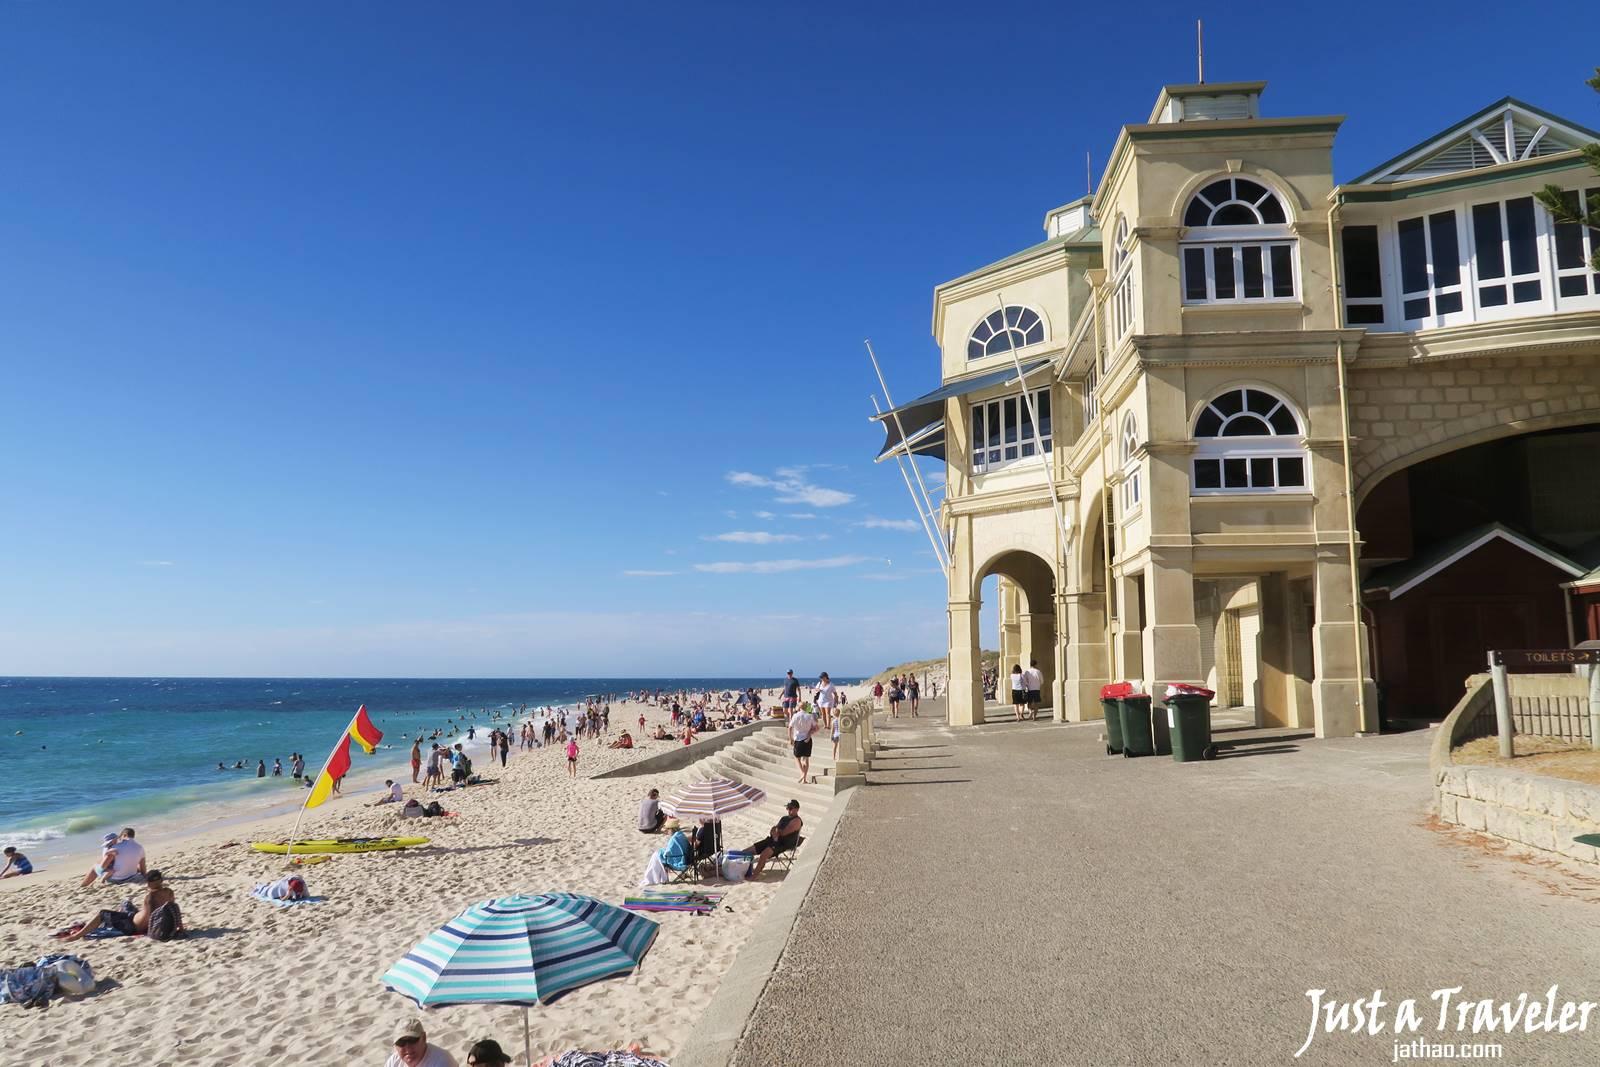 澳洲-伯斯-景點-推薦-科特索海灘-Cottesloe-Beach-必玩-必去-自由行-行程-攻略-旅遊-一日遊-二日遊-Perth-Travel-Tourist-Attraction